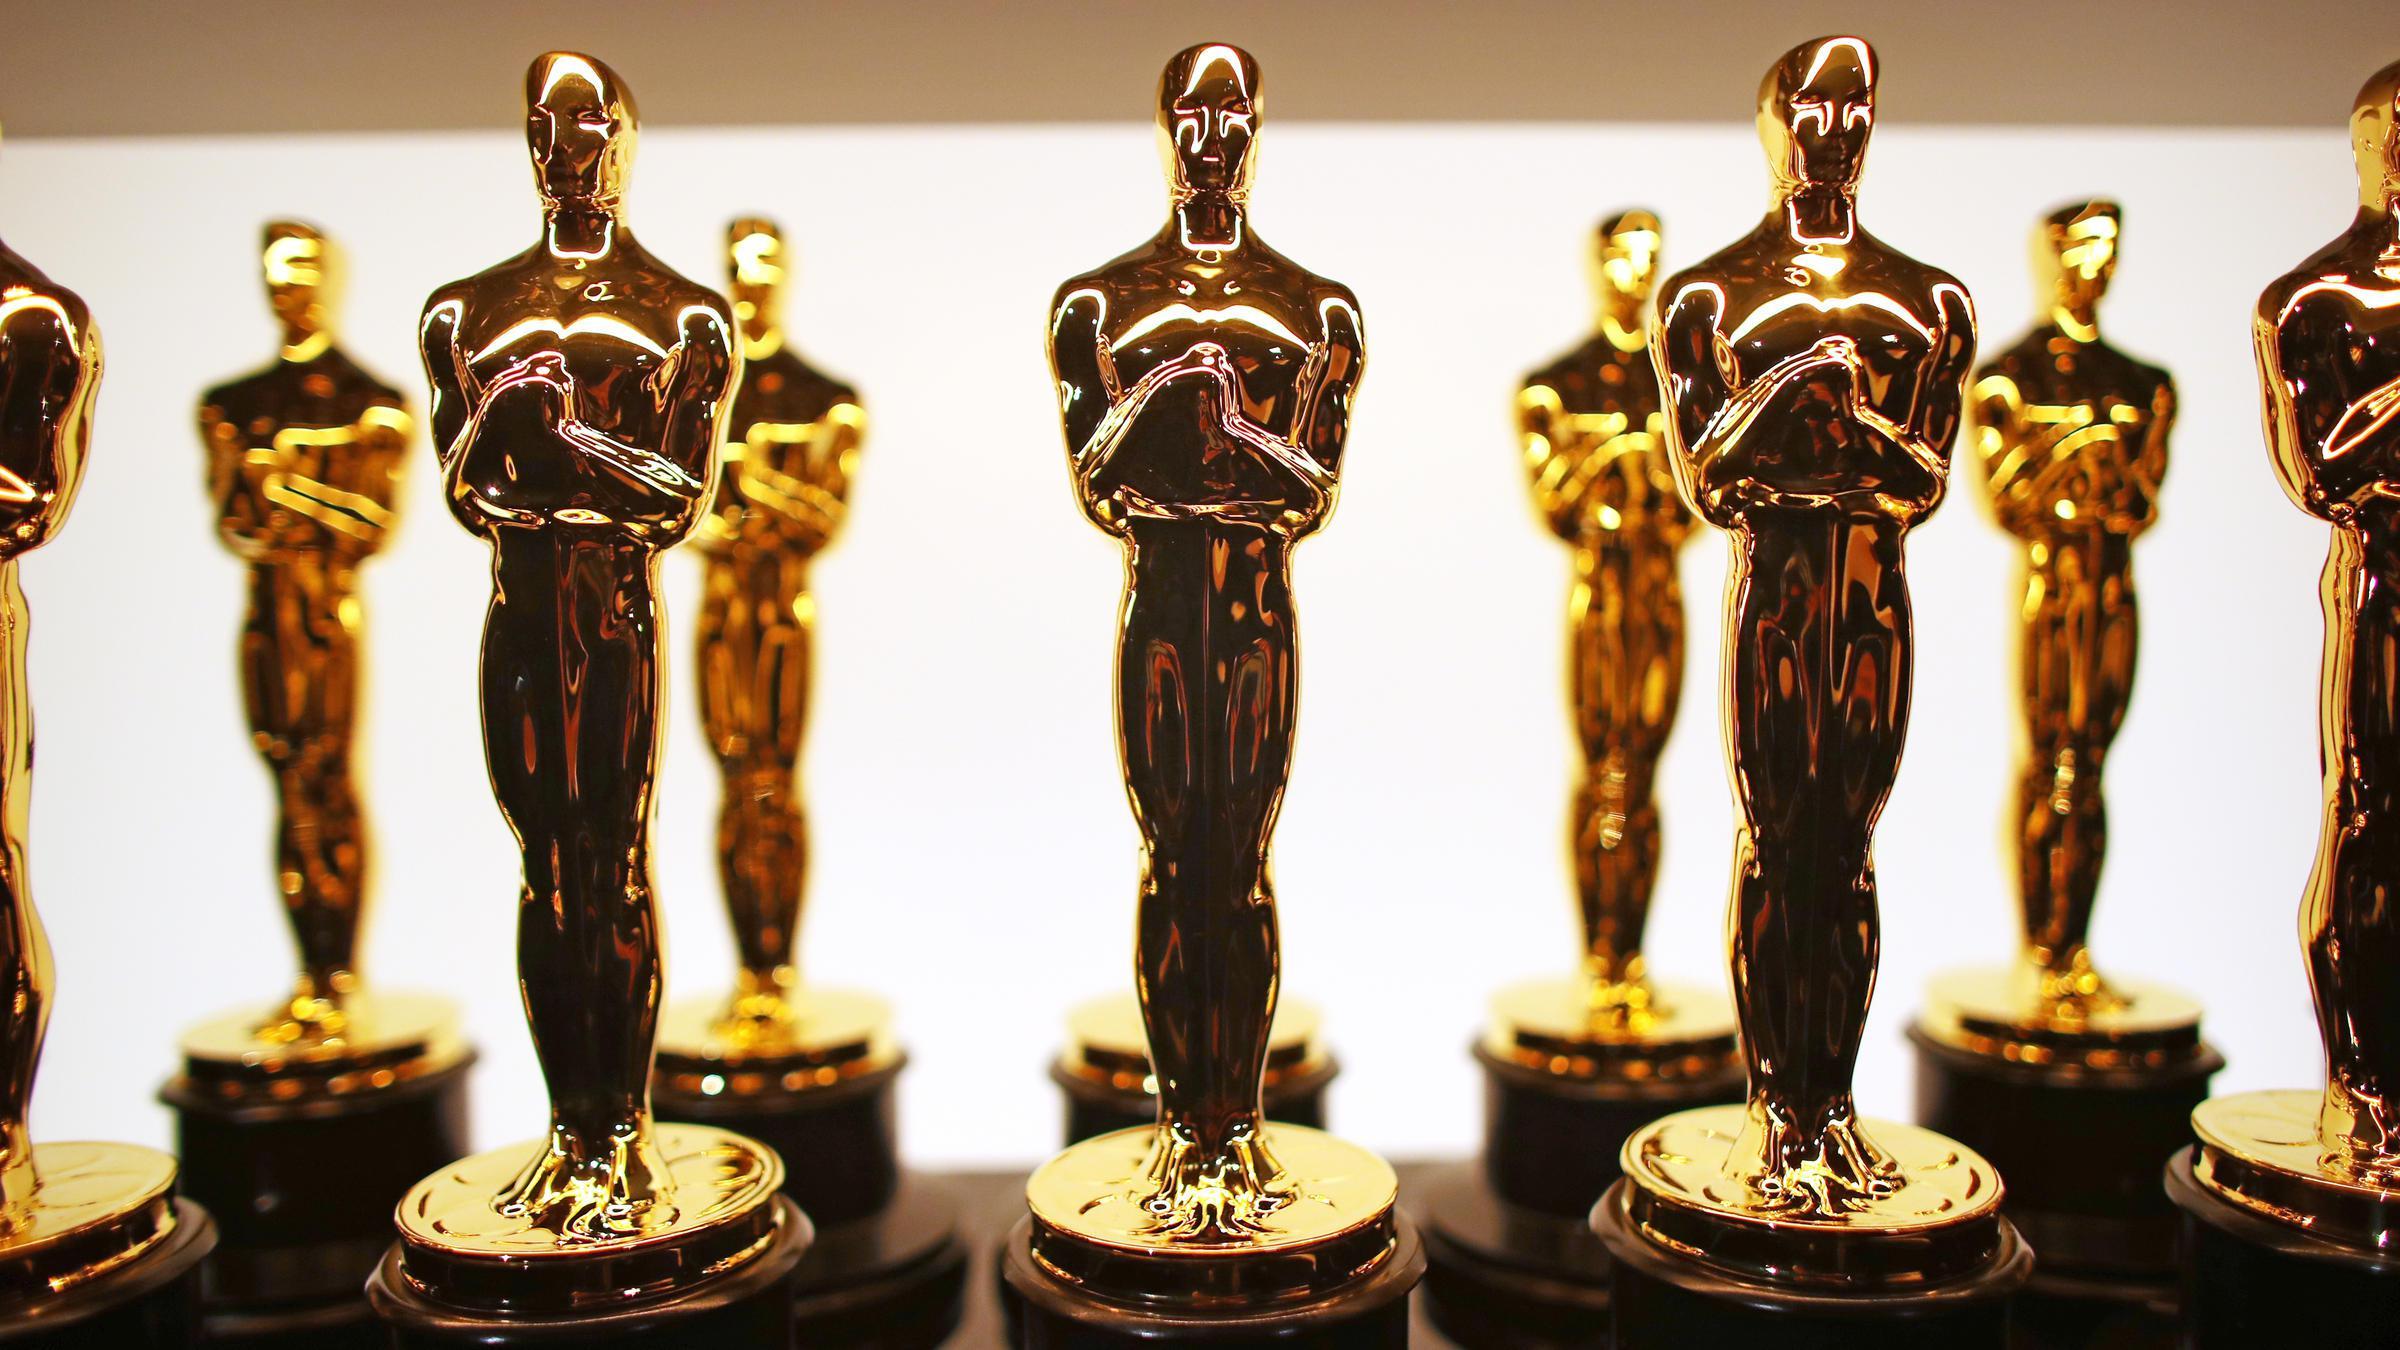 Oscars 2018: The latest odds